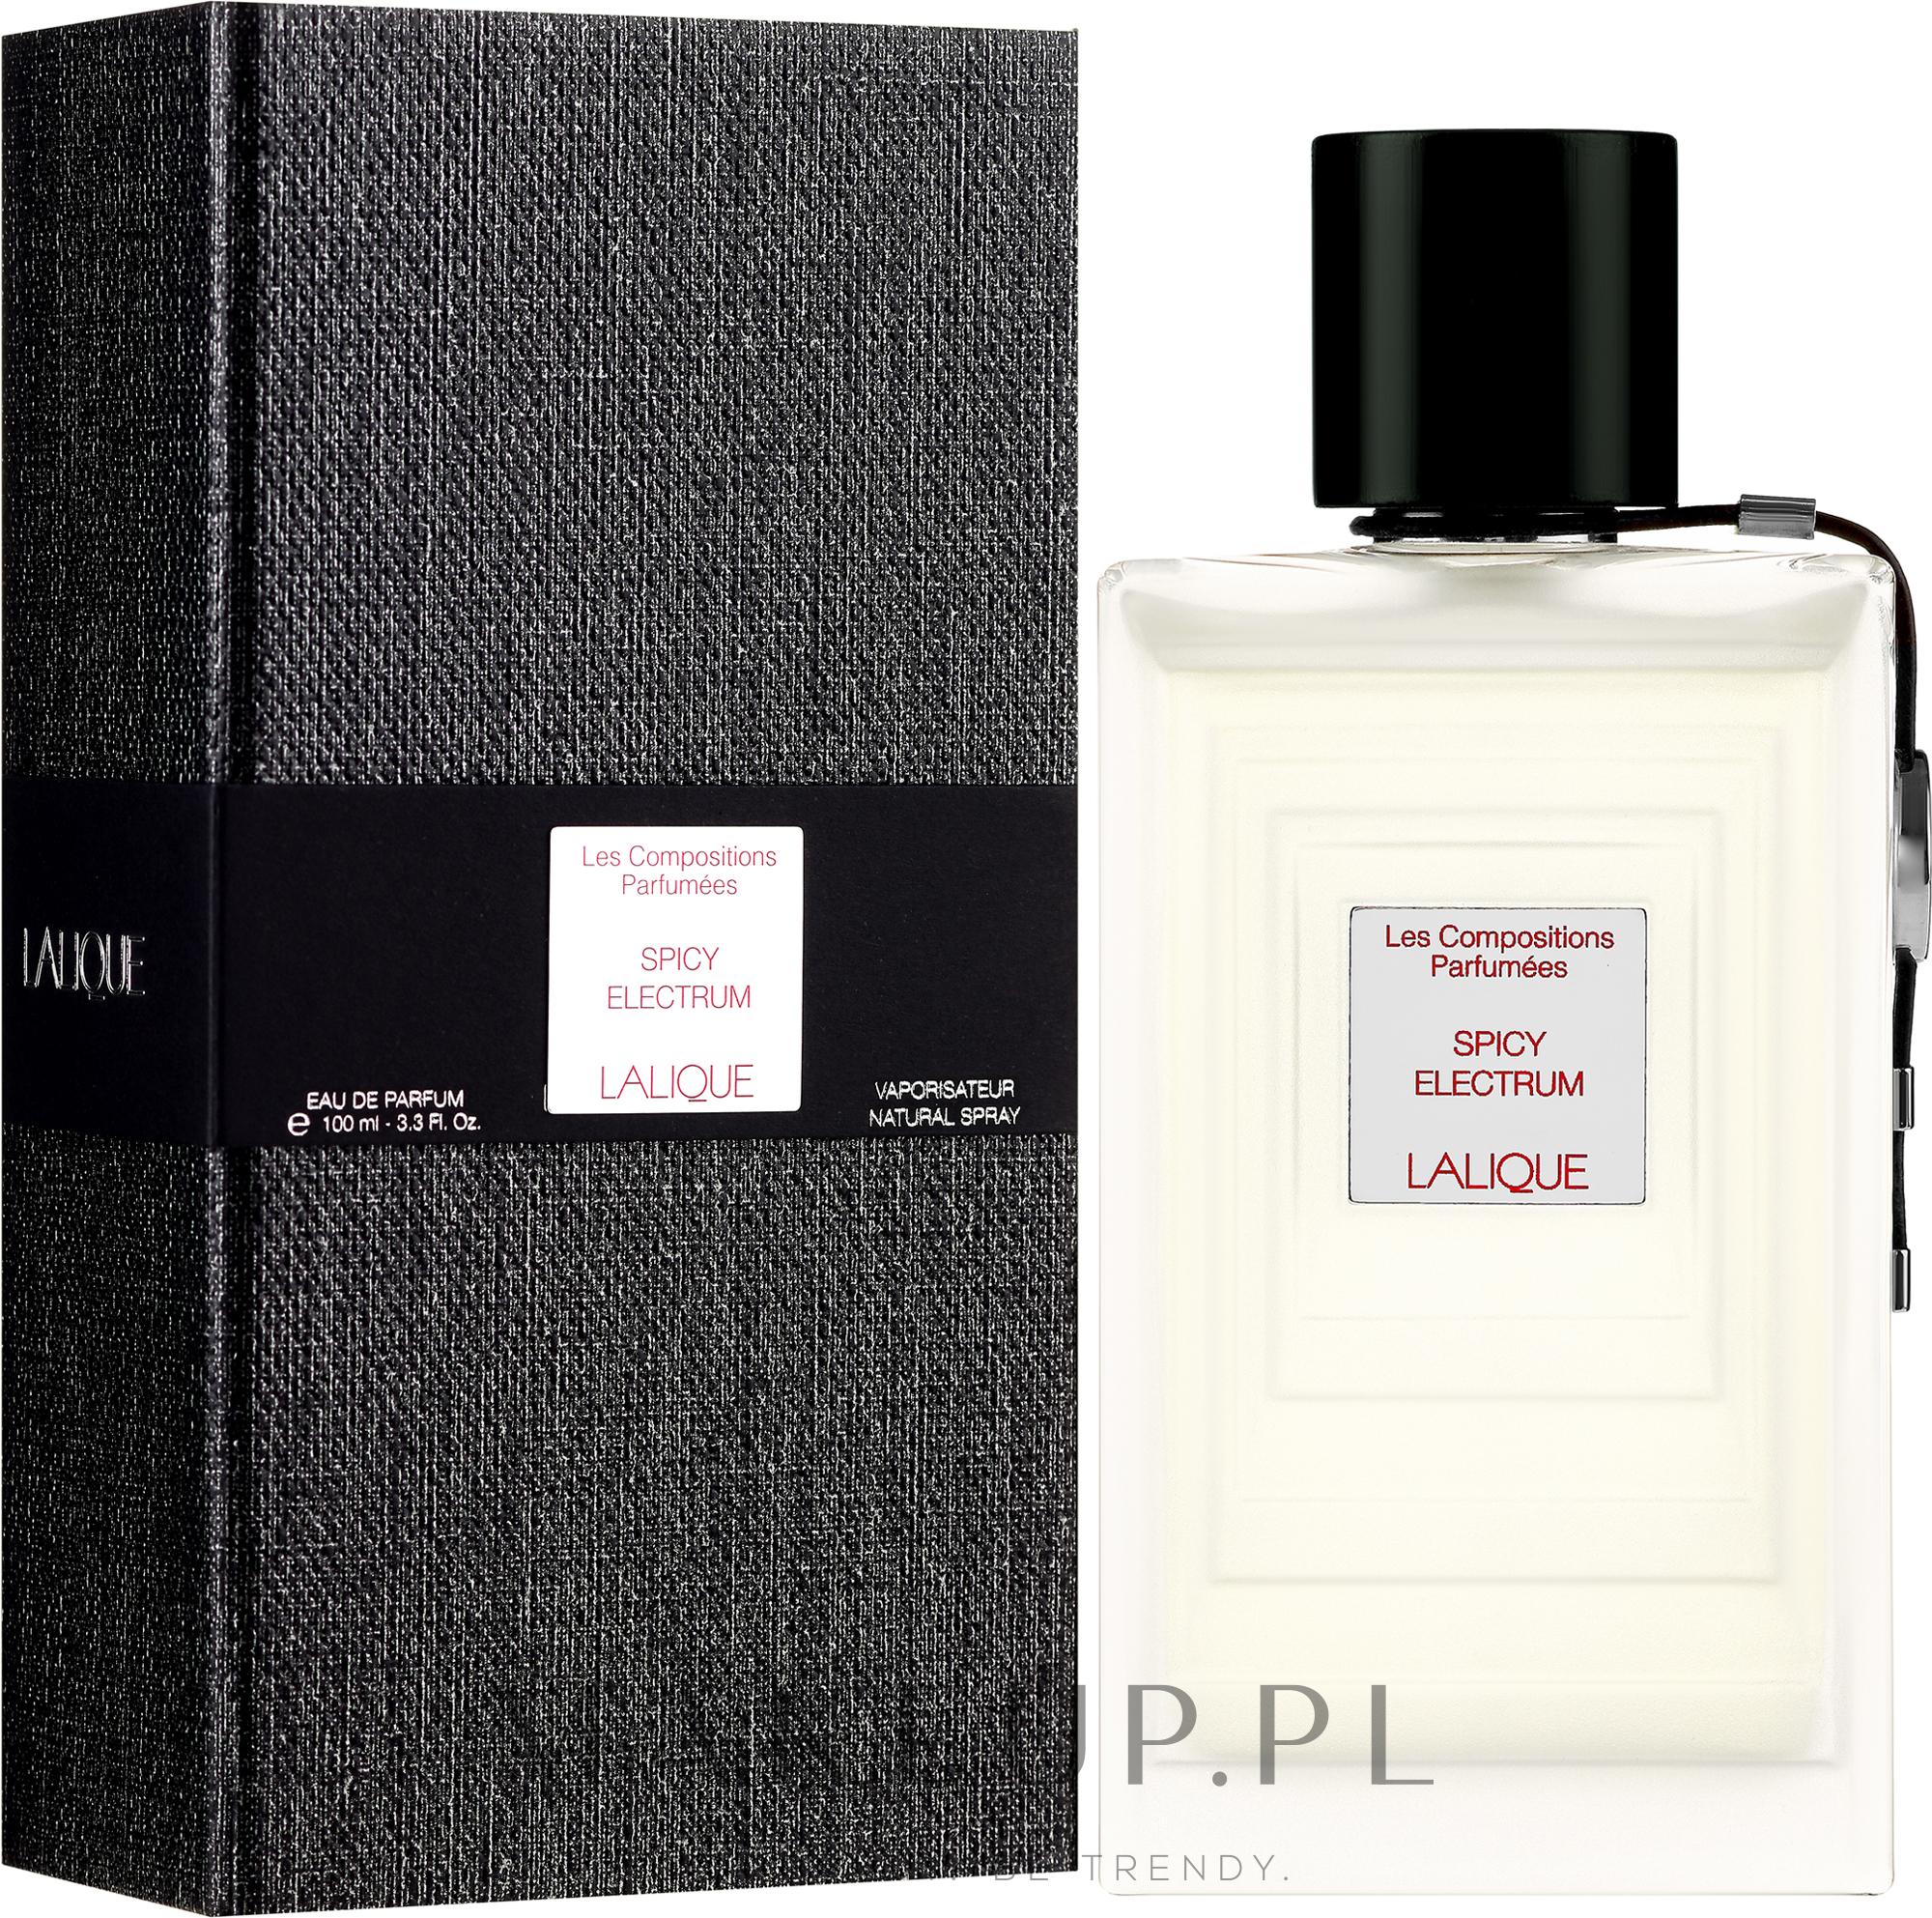 lalique les compositions parfumees - spicy electrum